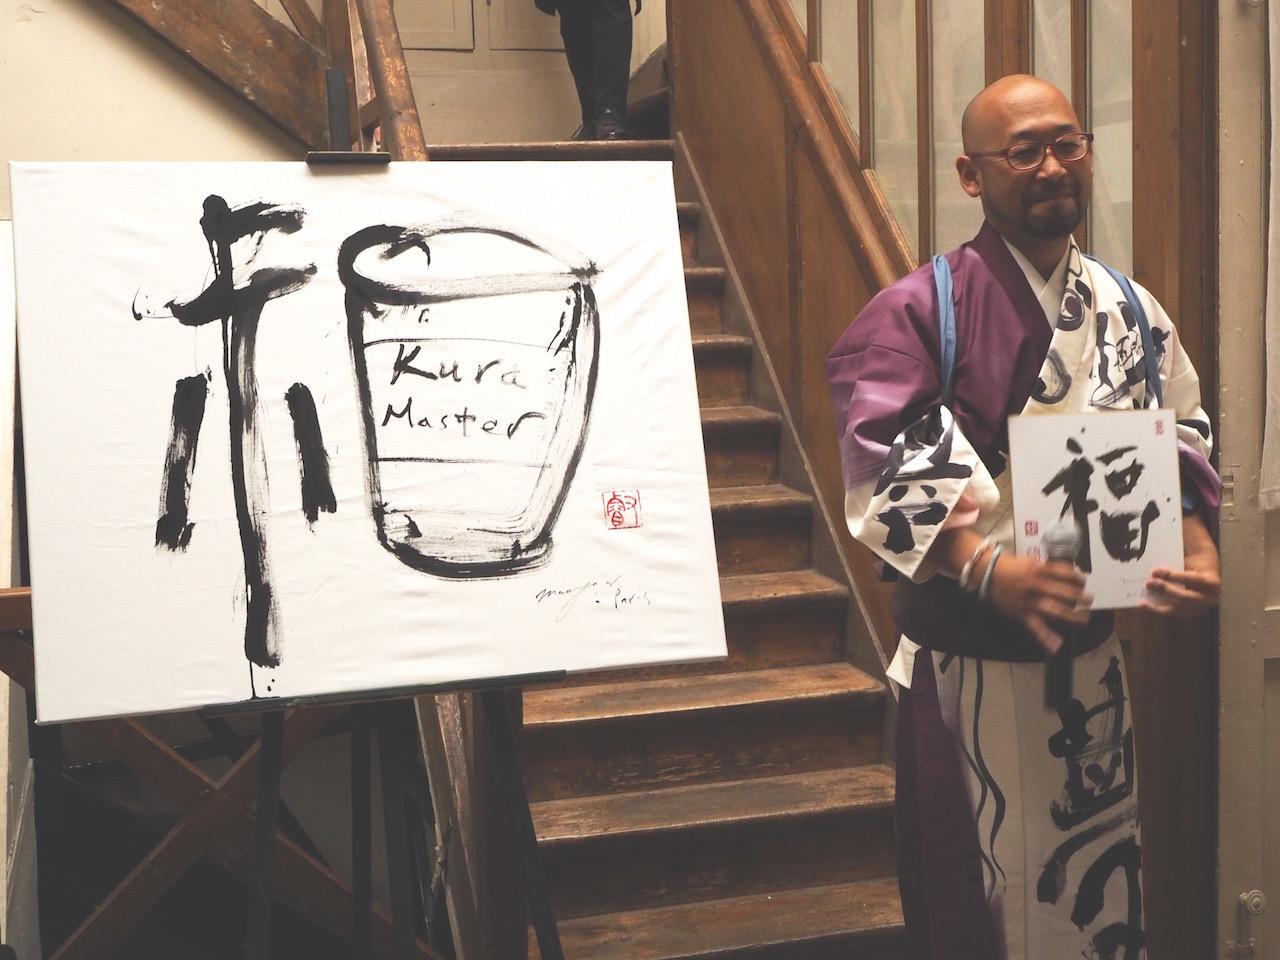 フランス人による日本酒コンクール、『蔵マスター』はじまる